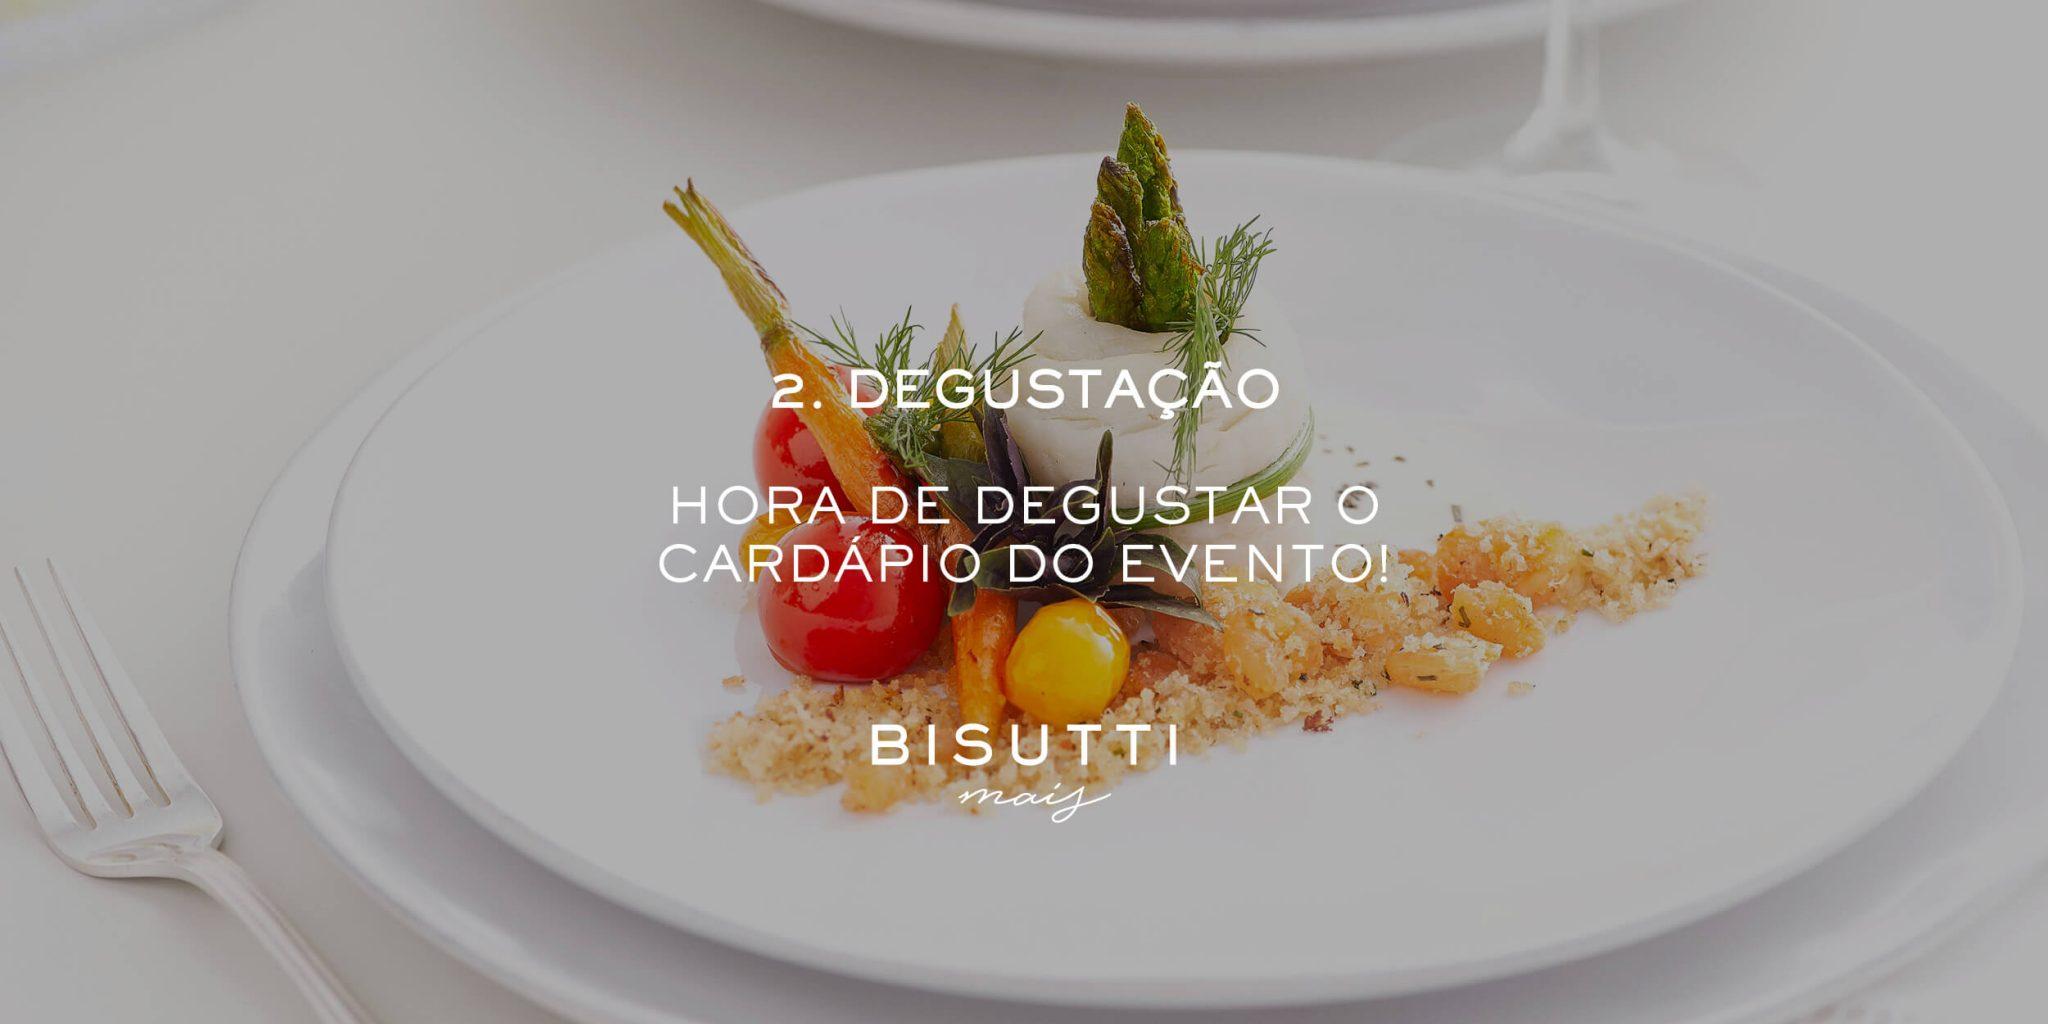 Degustação Gastronomia Julio Perinetto